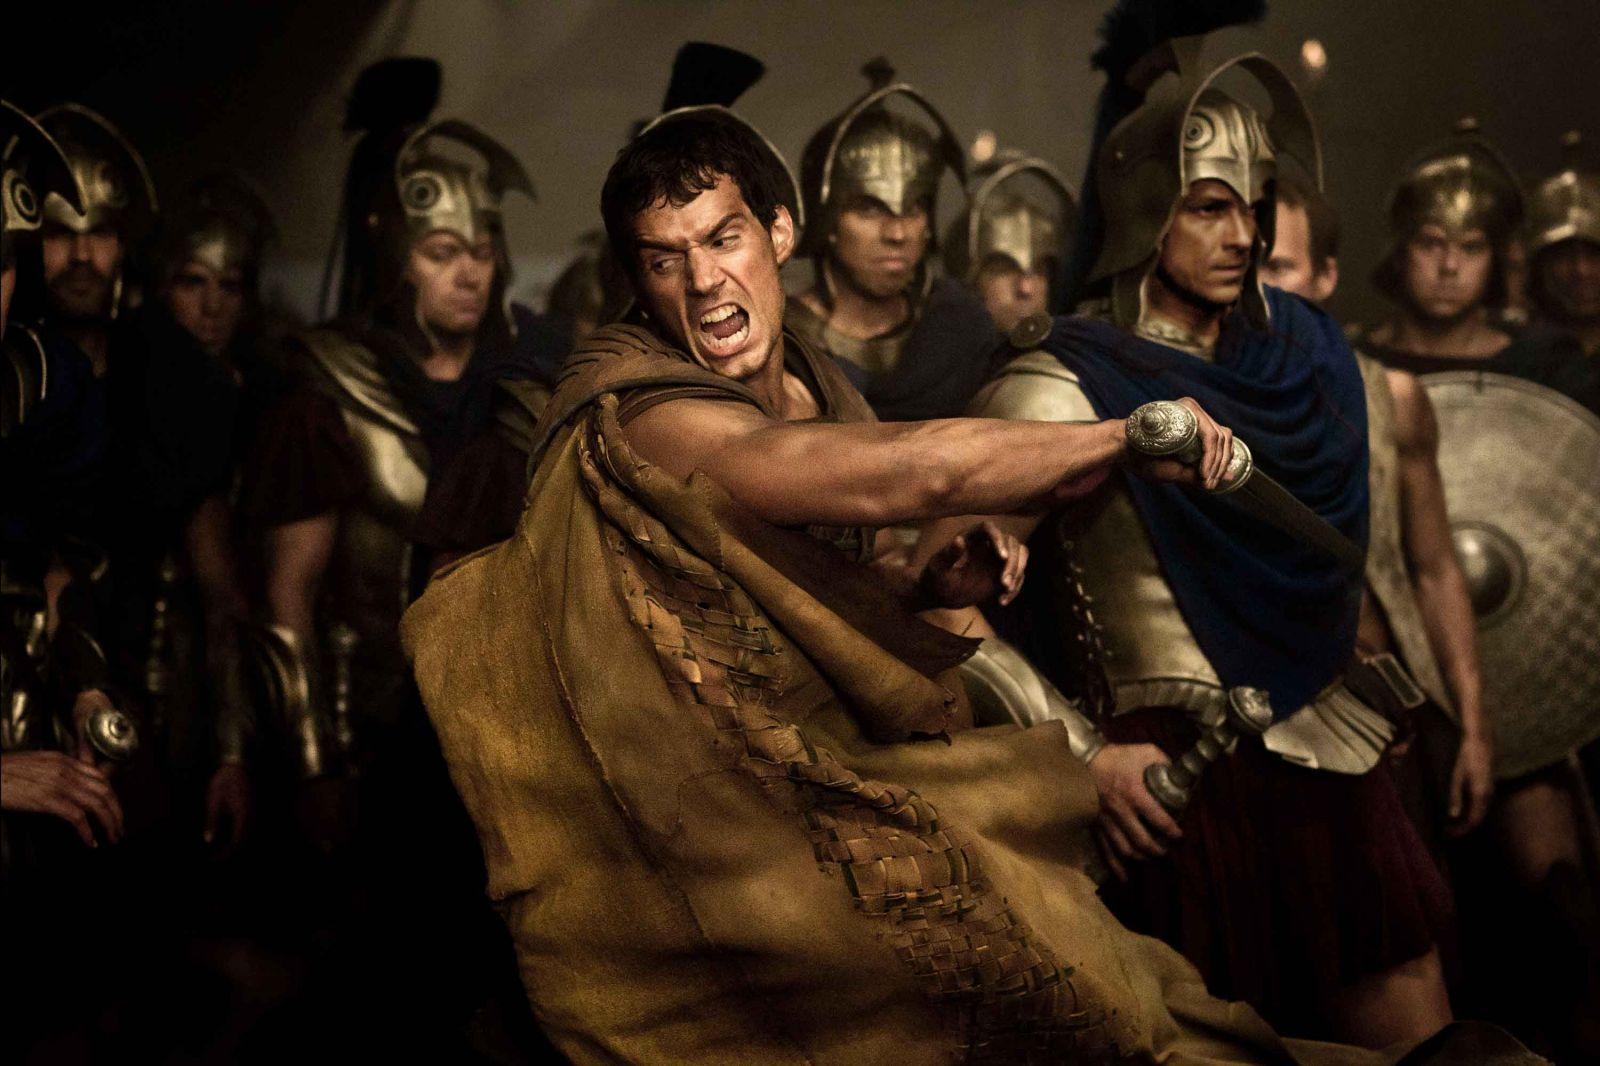 http://1.bp.blogspot.com/-G8zw-V9RAYE/TcRMS6XyrHI/AAAAAAAATbI/TkTjNjHMKV8/s1600/immortals_6.jpg